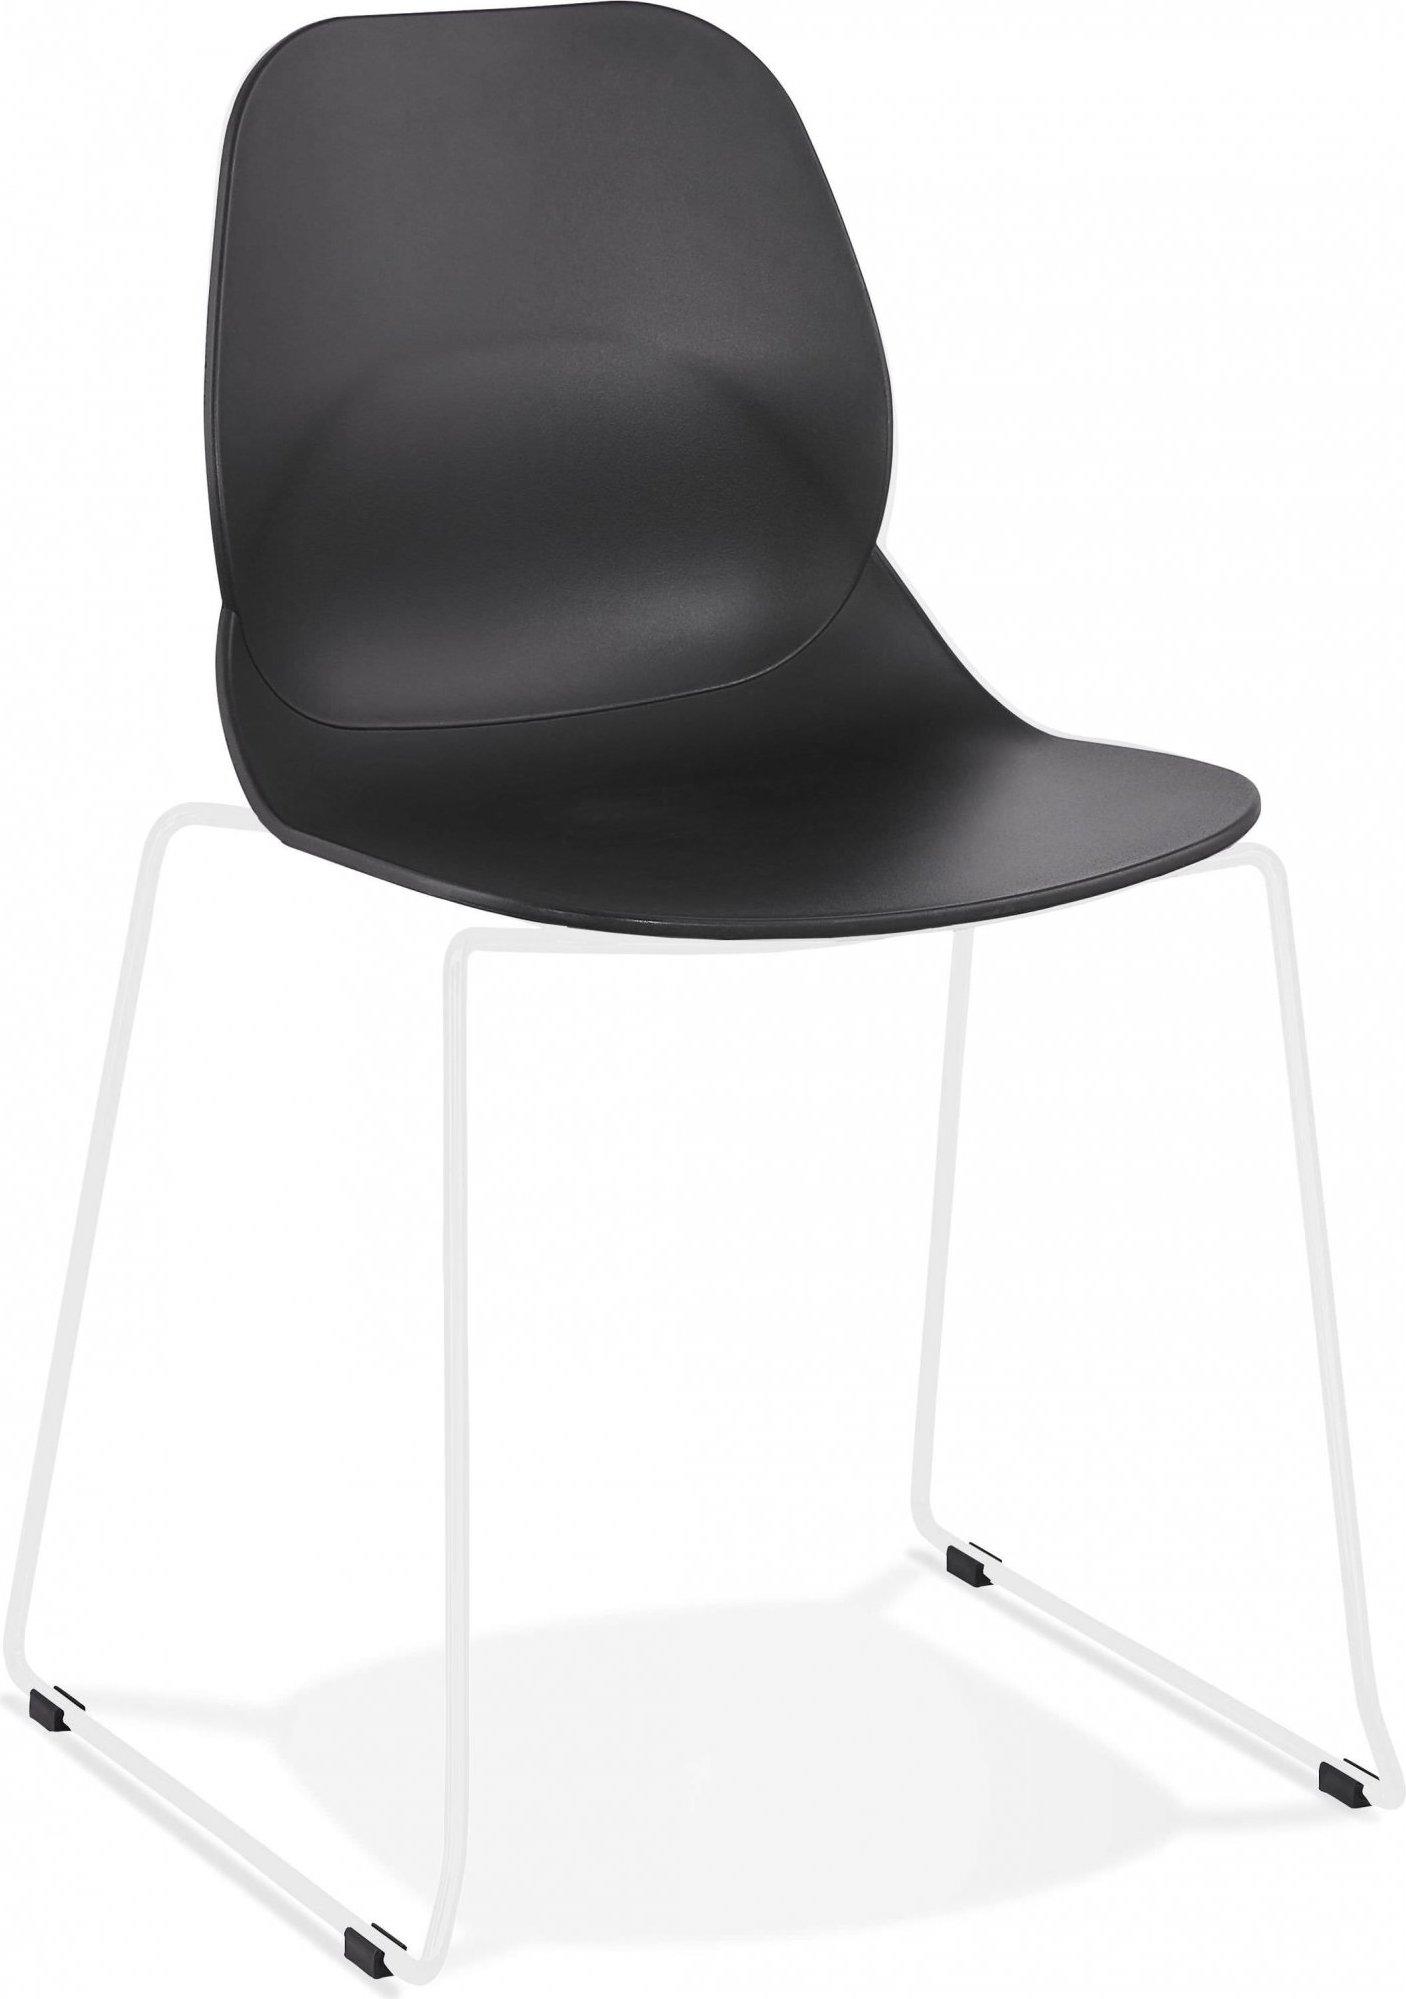 Chaise design minimaliste couleur noir pieds blanc